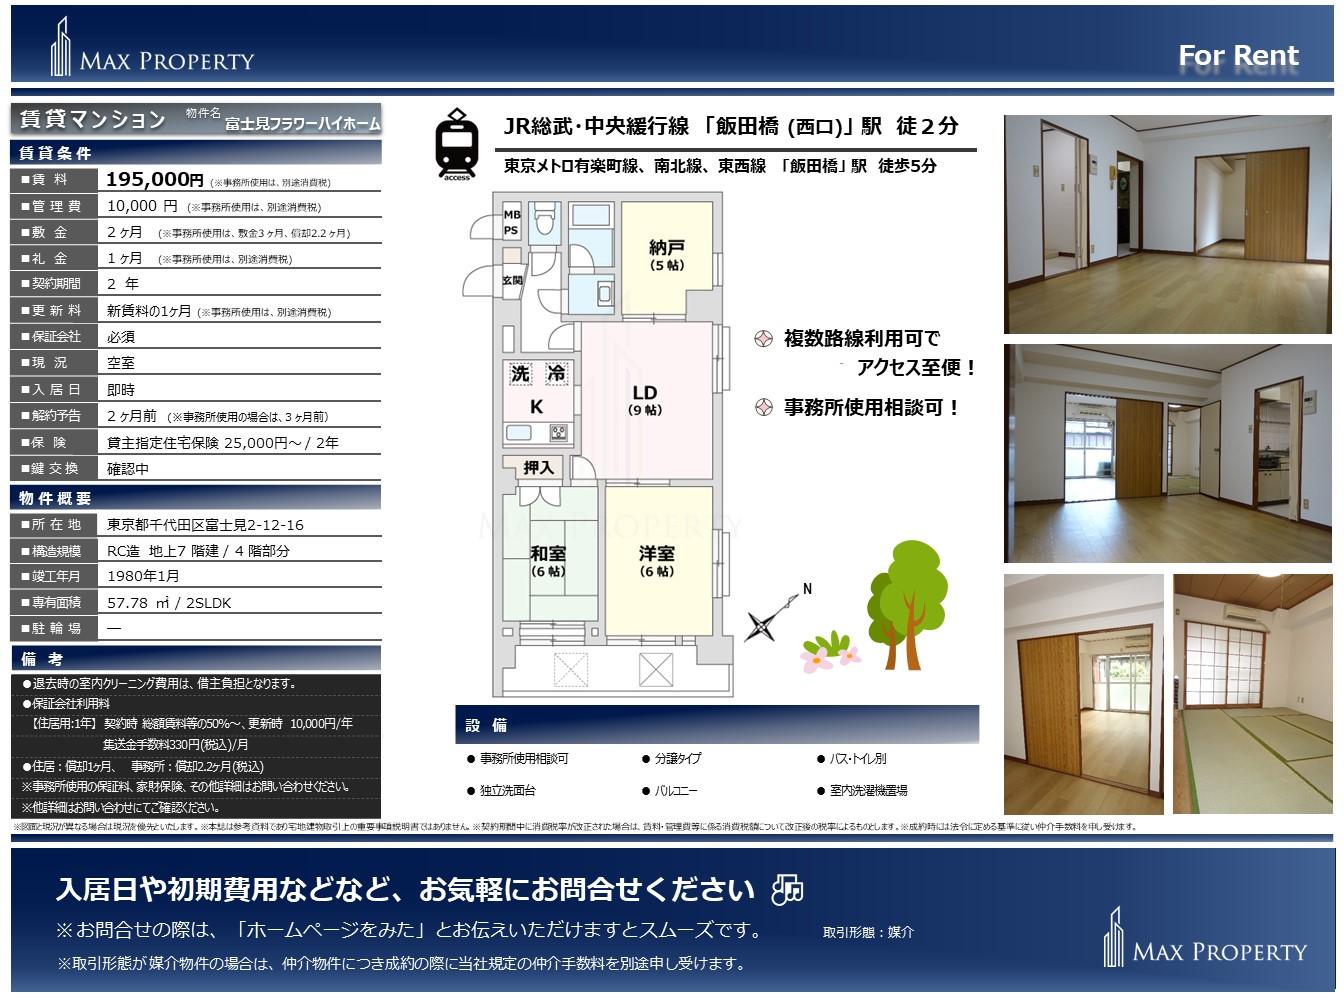 HP_富士見フラワーハイホーム407_20210930